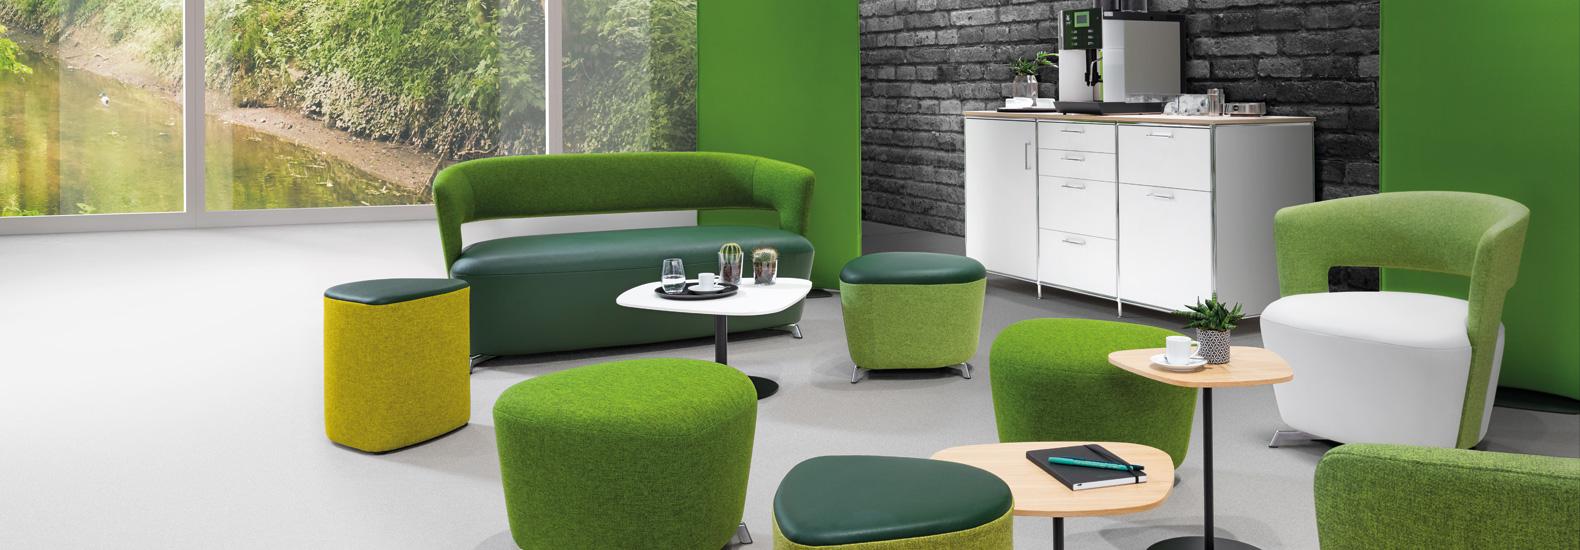 Kaufen Sie Dauphin Allora bei office + objekt 42. Dauphin bietet Lösungen für jeden Arbeitsplatz und jede Organisationsform - mit  flexiblen, individuell gestaltbaren Zonen